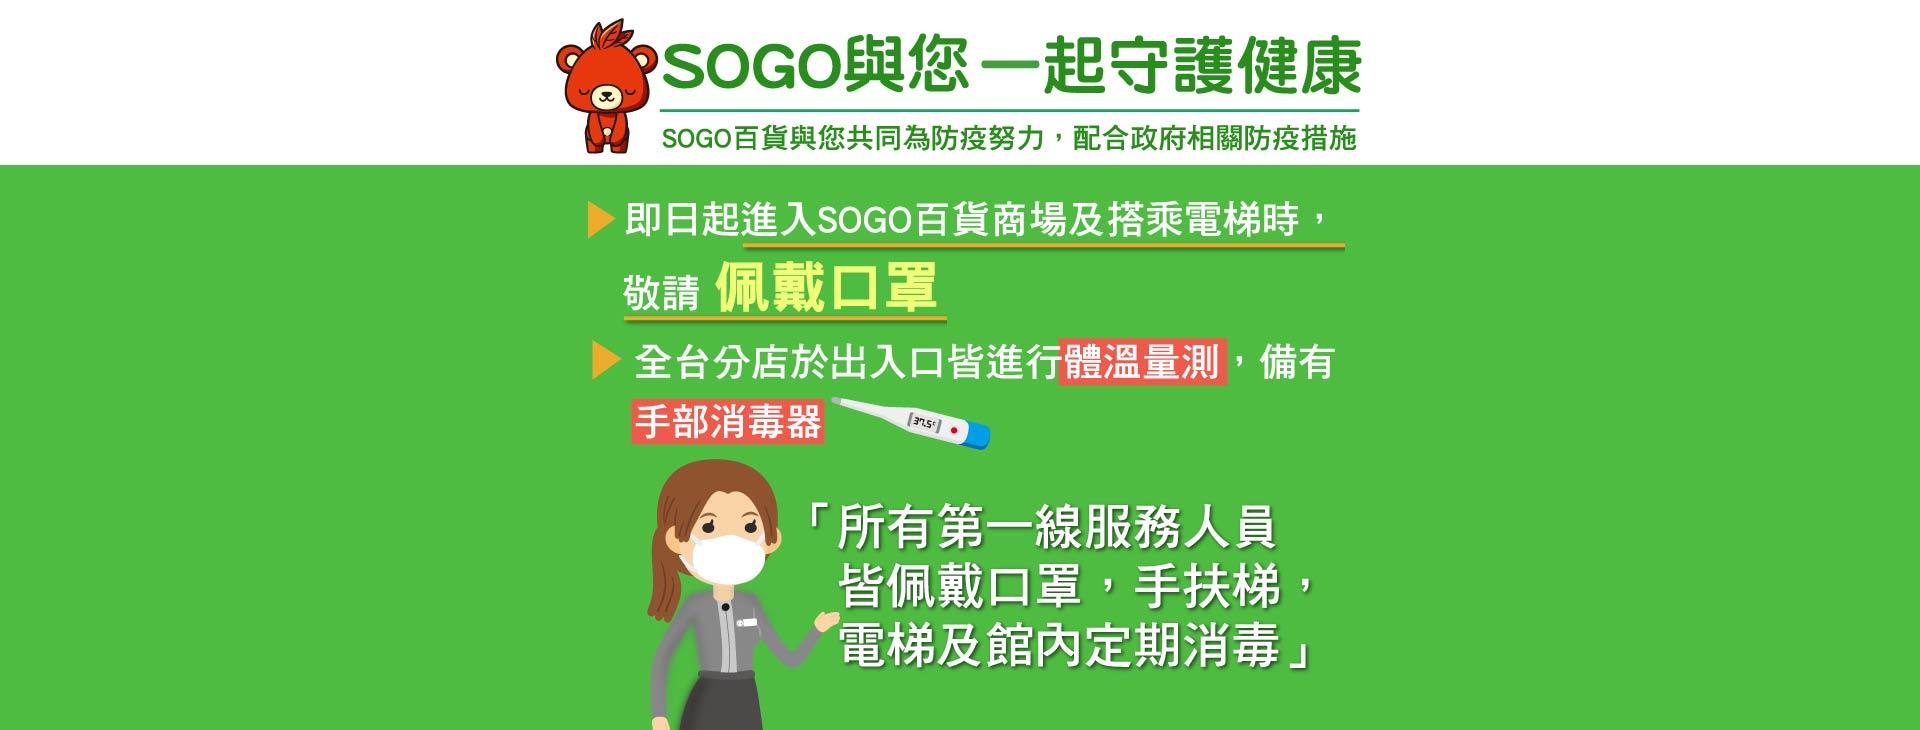 SOGO與您一起守護健康(2021防疫)